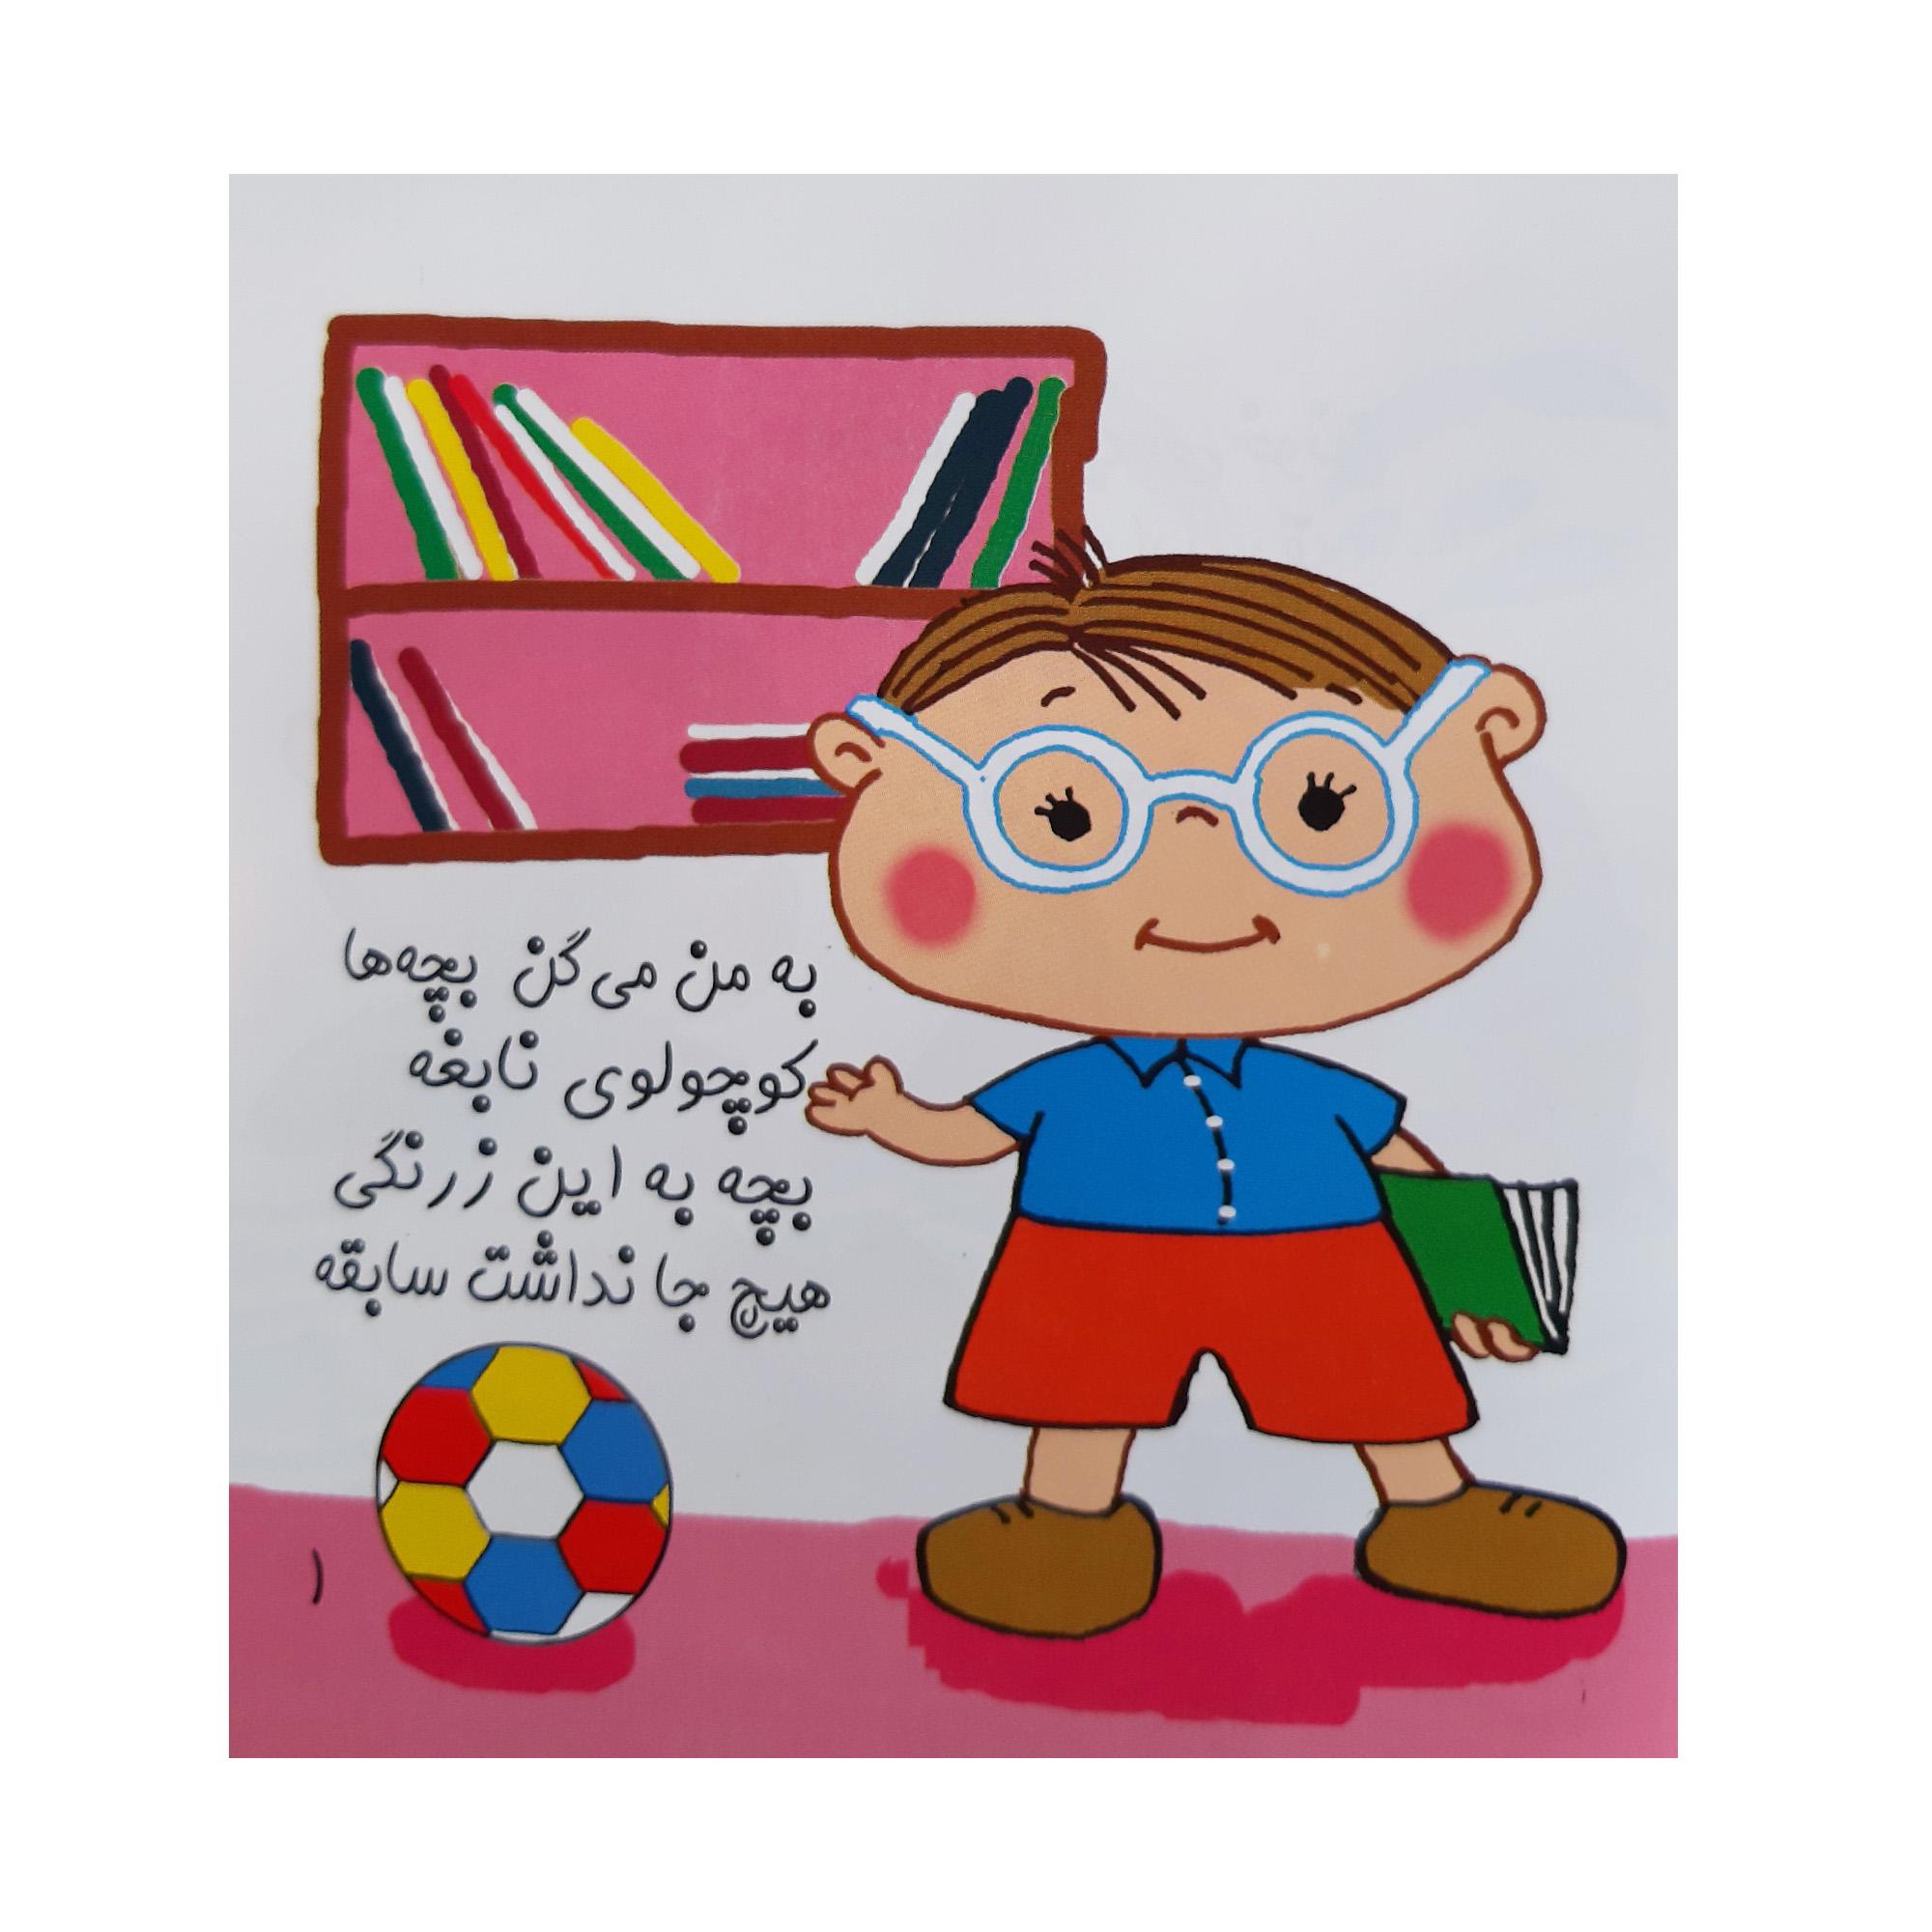 کتاب کوچولوها اثر وجیهه عبدیزدان انتشارات فرهنگ مردم 8 جلدی main 1 14